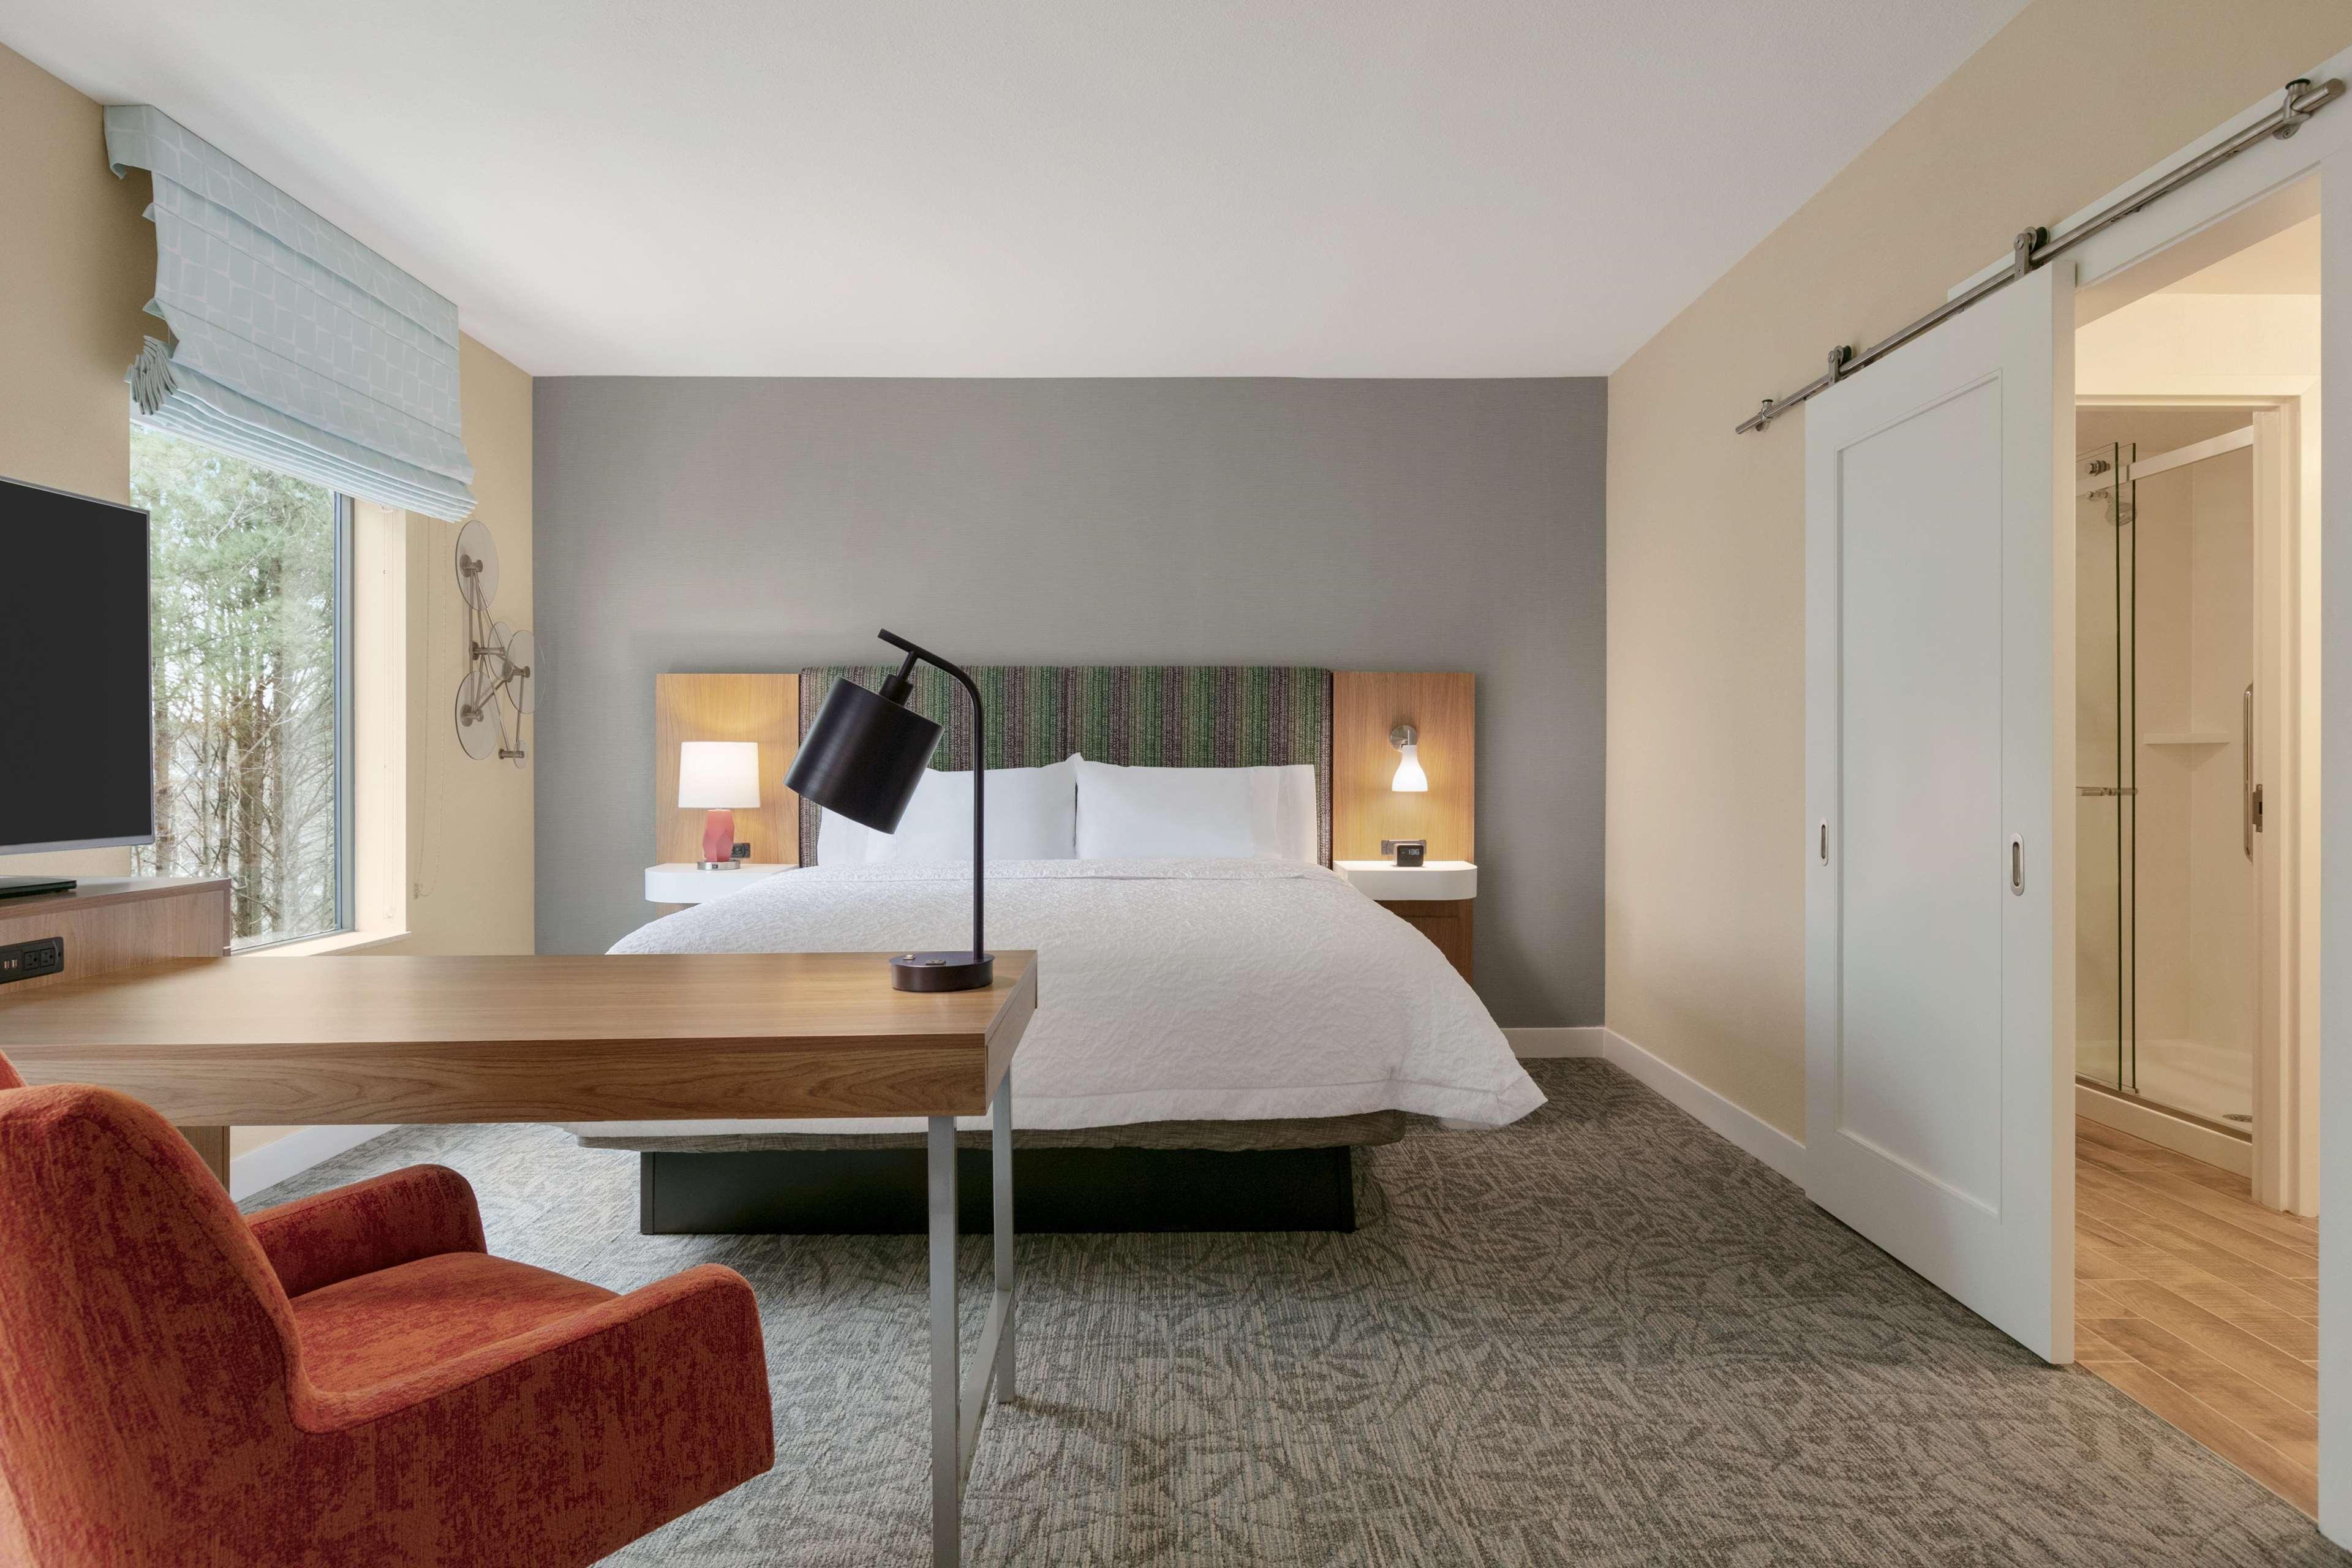 Hampton Inn and Suites Johns Creek image 37